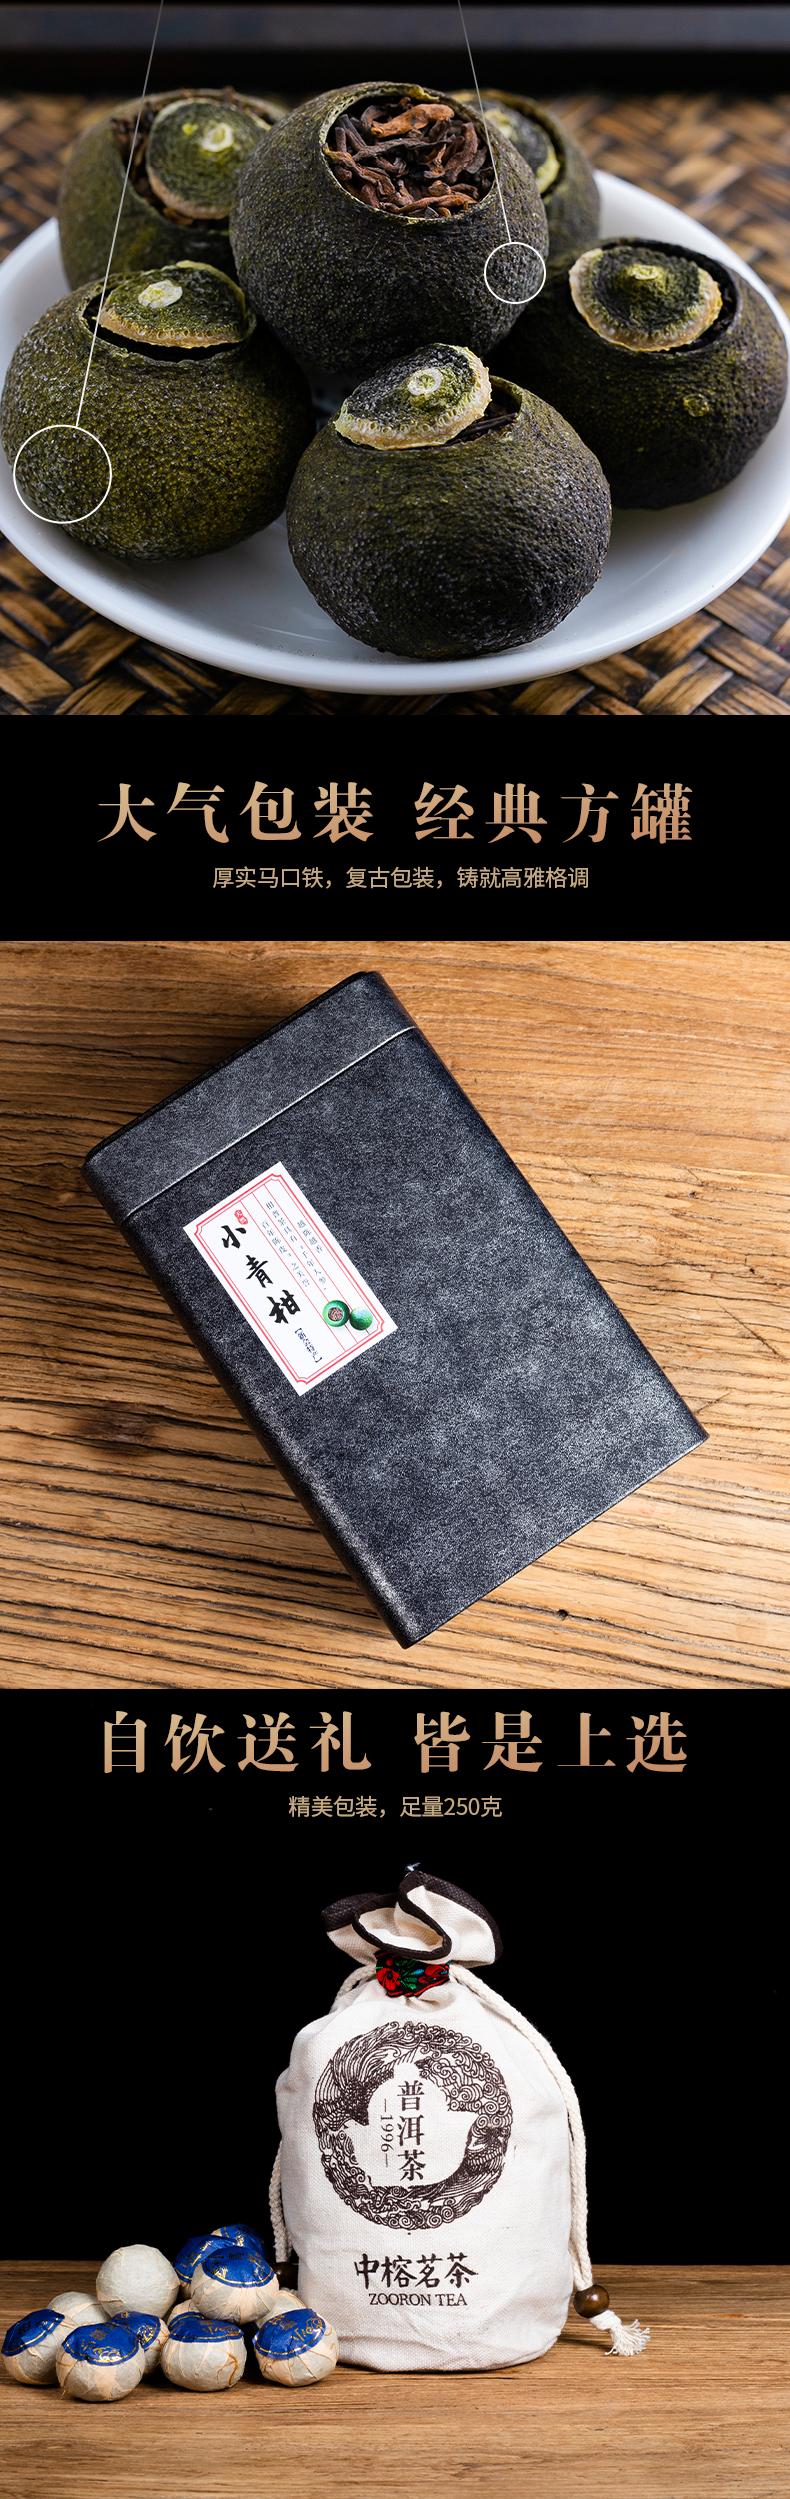 小青柑_05.jpg